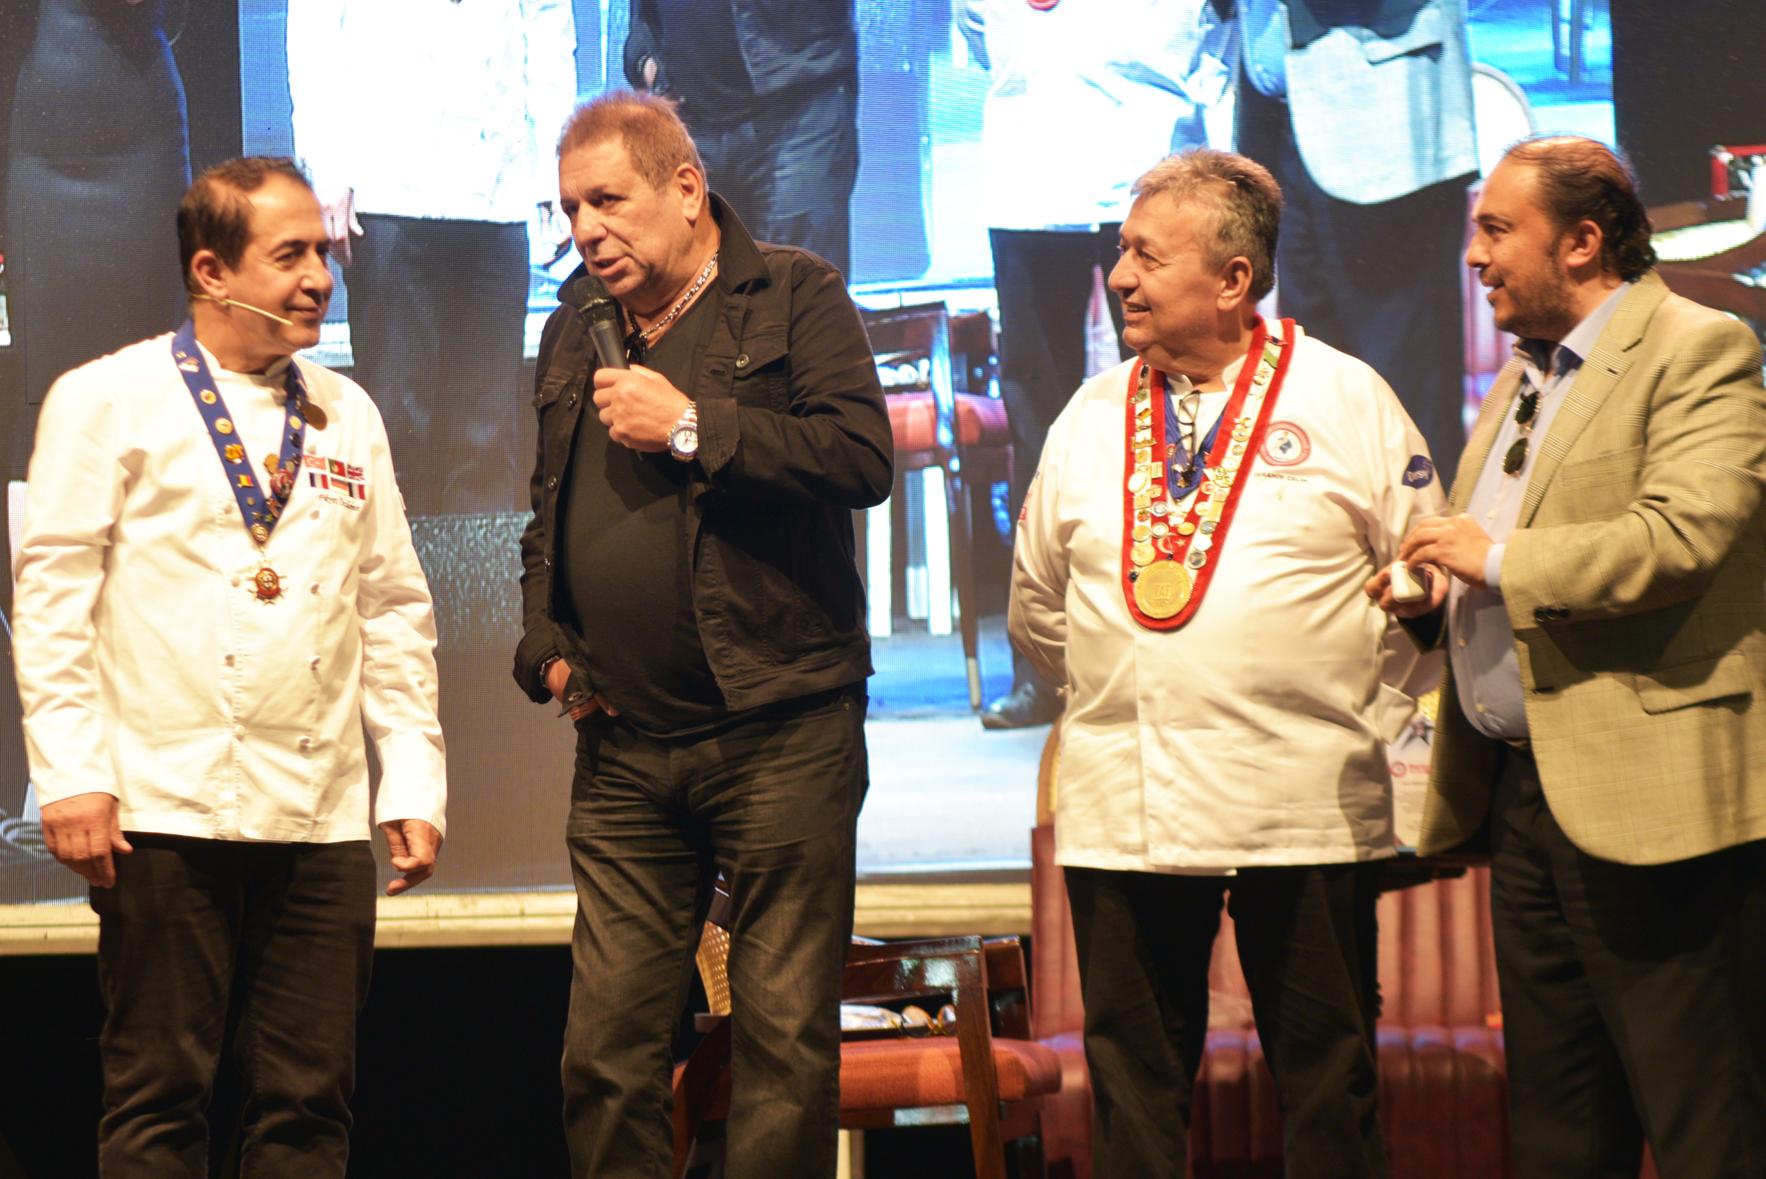 Venezuela Büyükelçisi Bayim Olur musun Fuarında yarışırken, Erman Toroğlu yarışmacı aşçılara tarif verdi